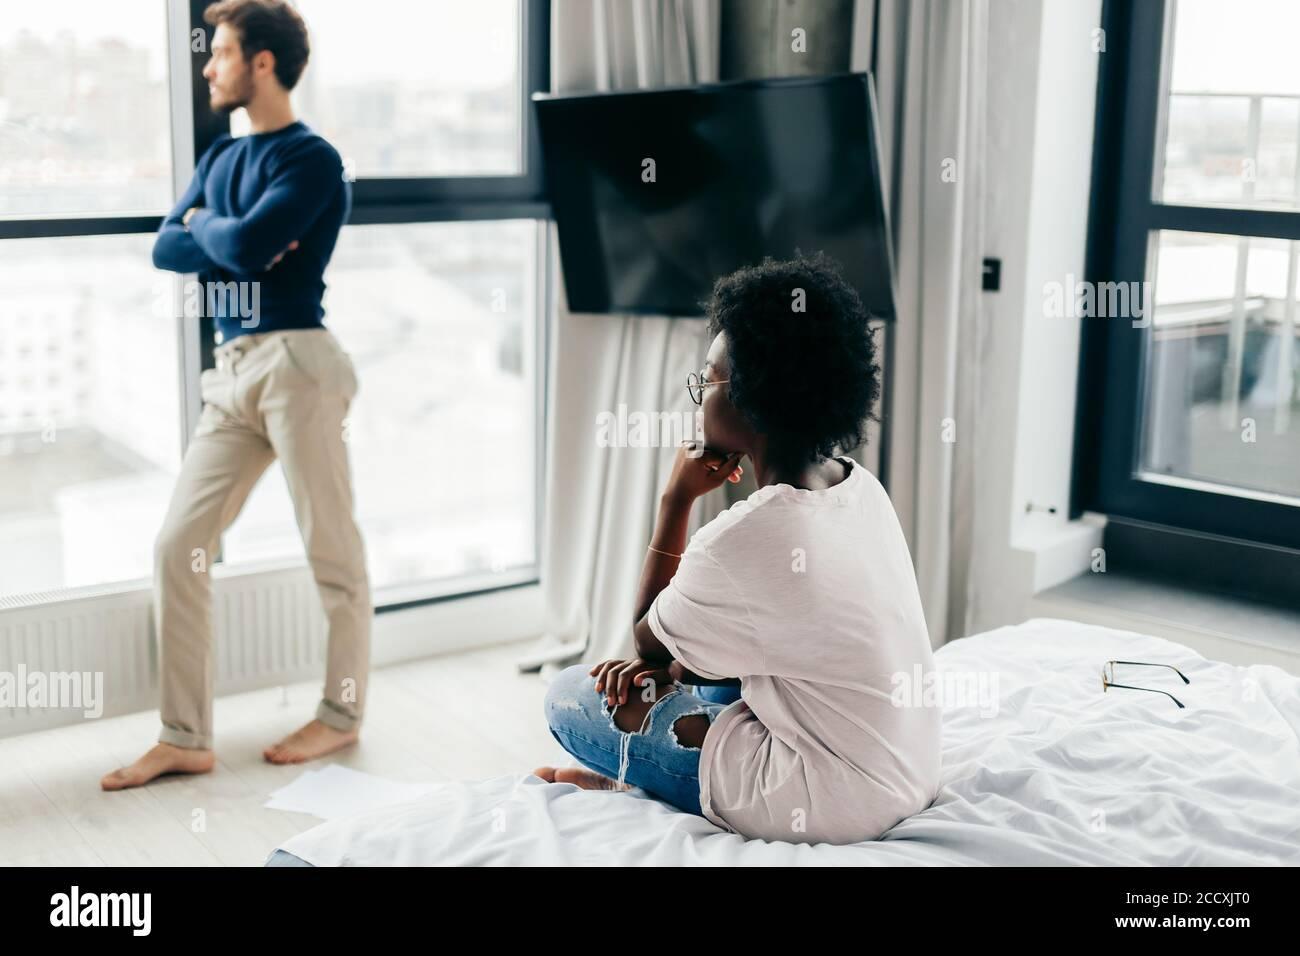 Una mujer africana frustrada se sentía ofendida y deprimida después de que supiera que el compromiso ha fracasado. Su futuro novio de apariencia europea justo Foto de stock